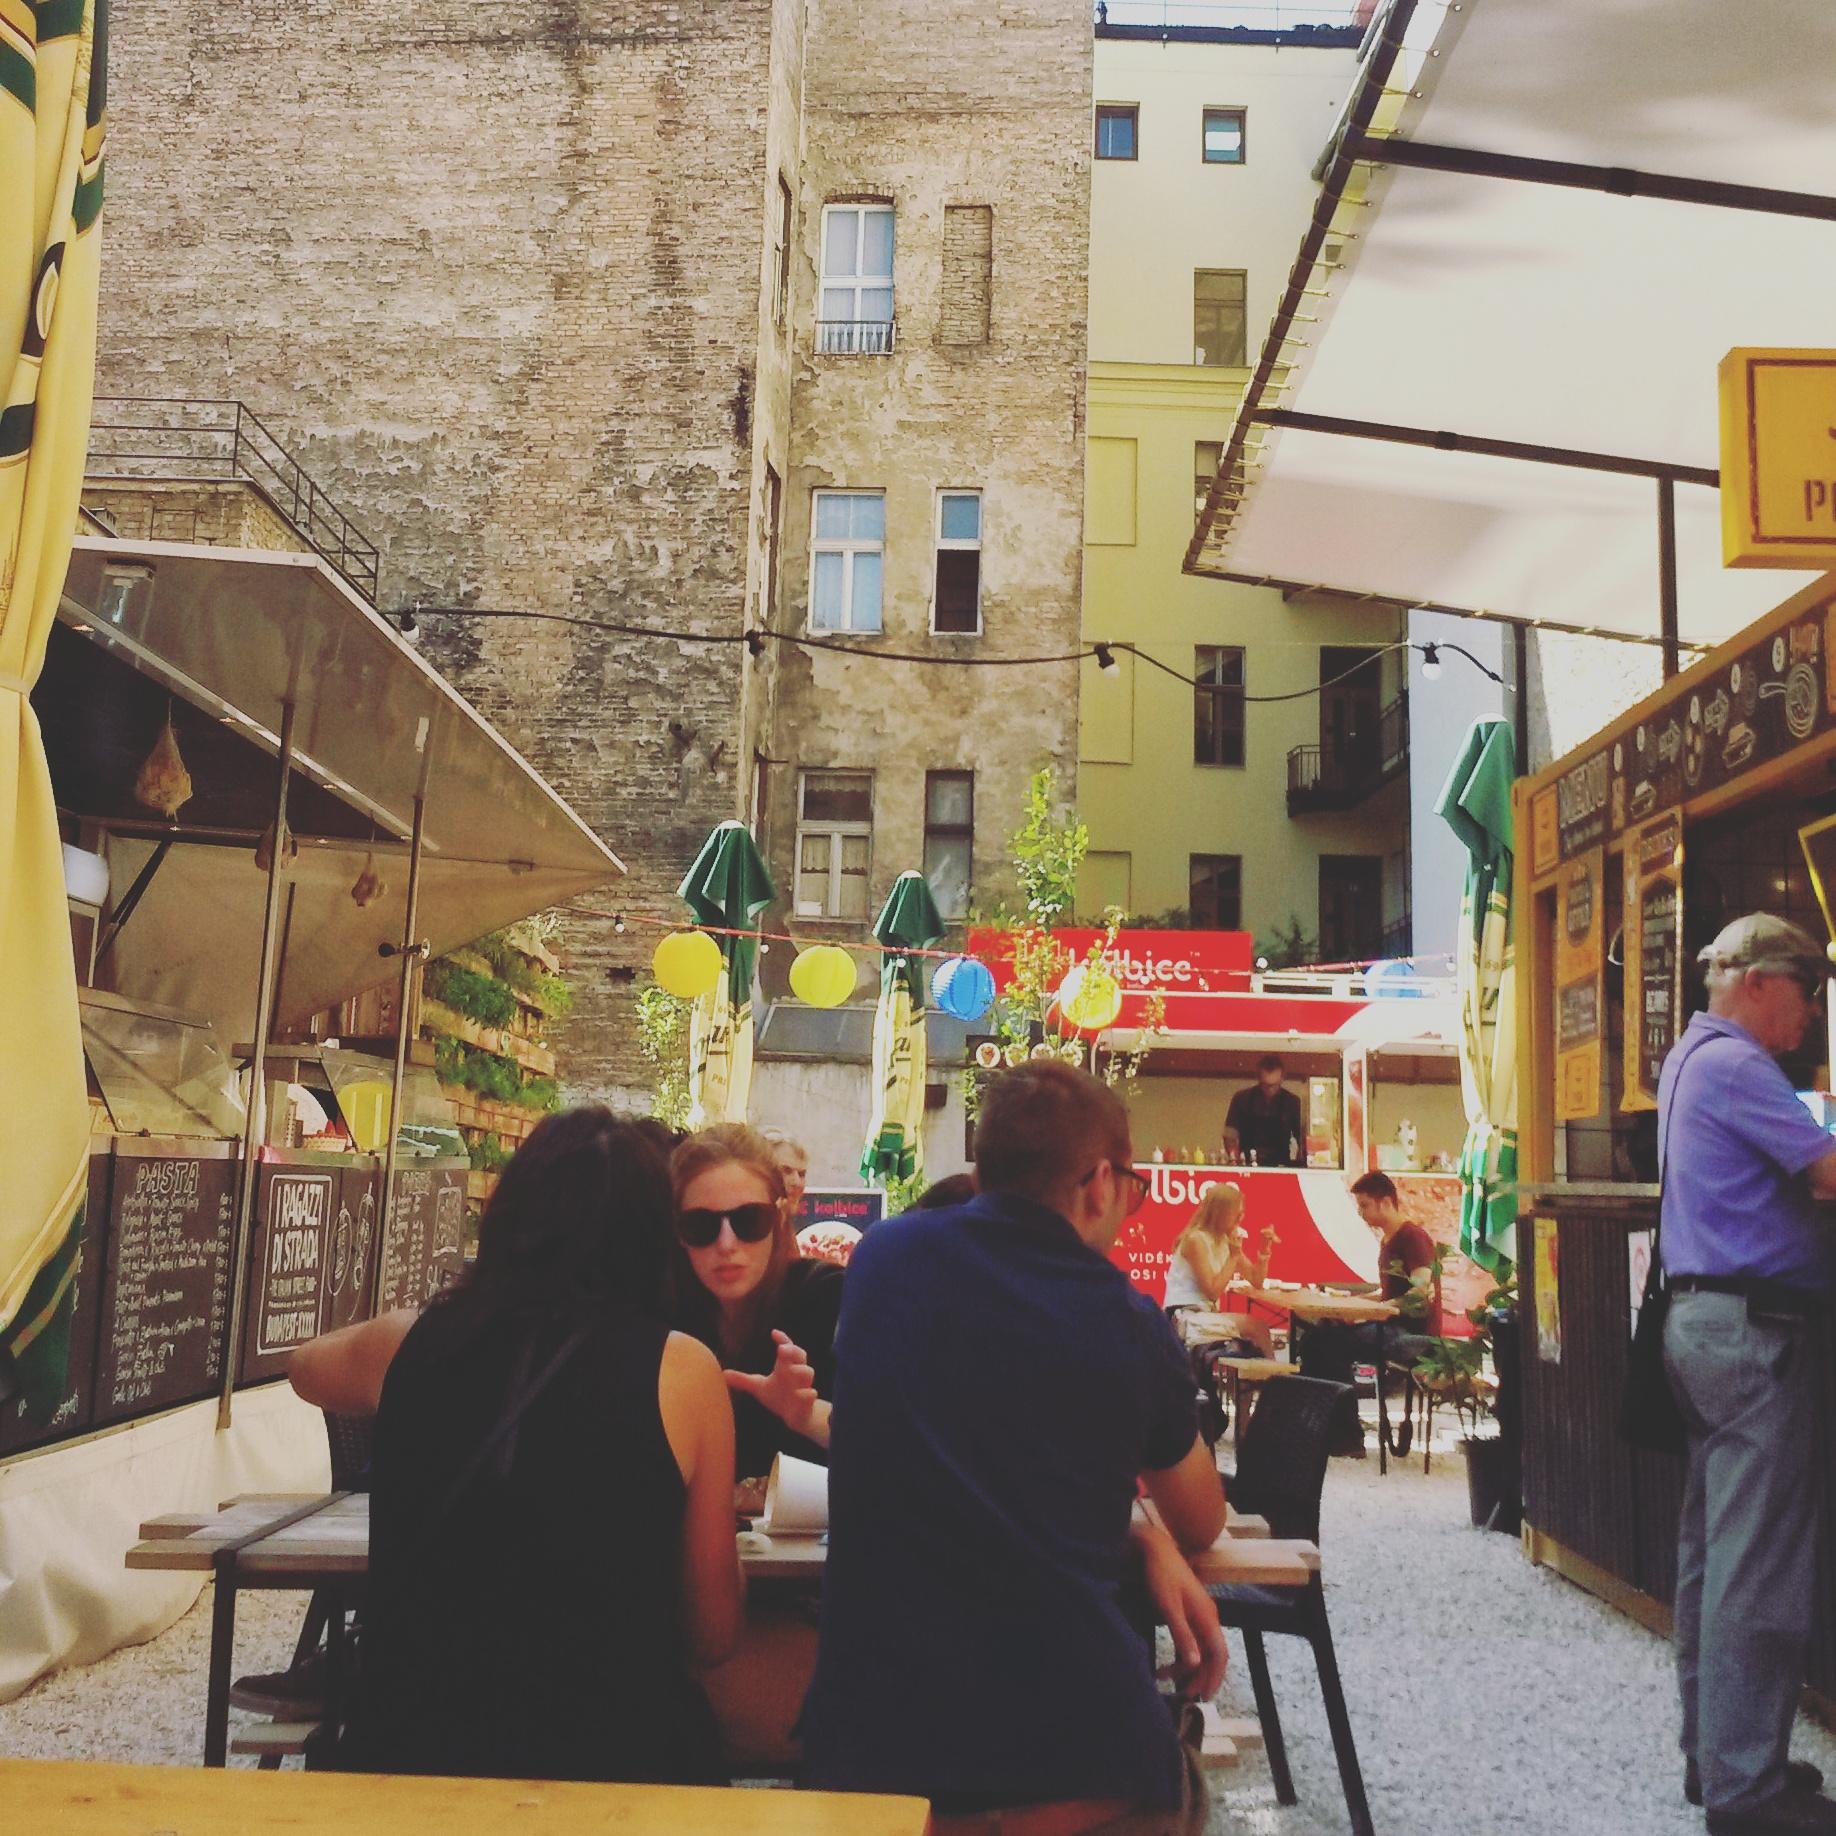 Karavan street food courtyard in Budapest